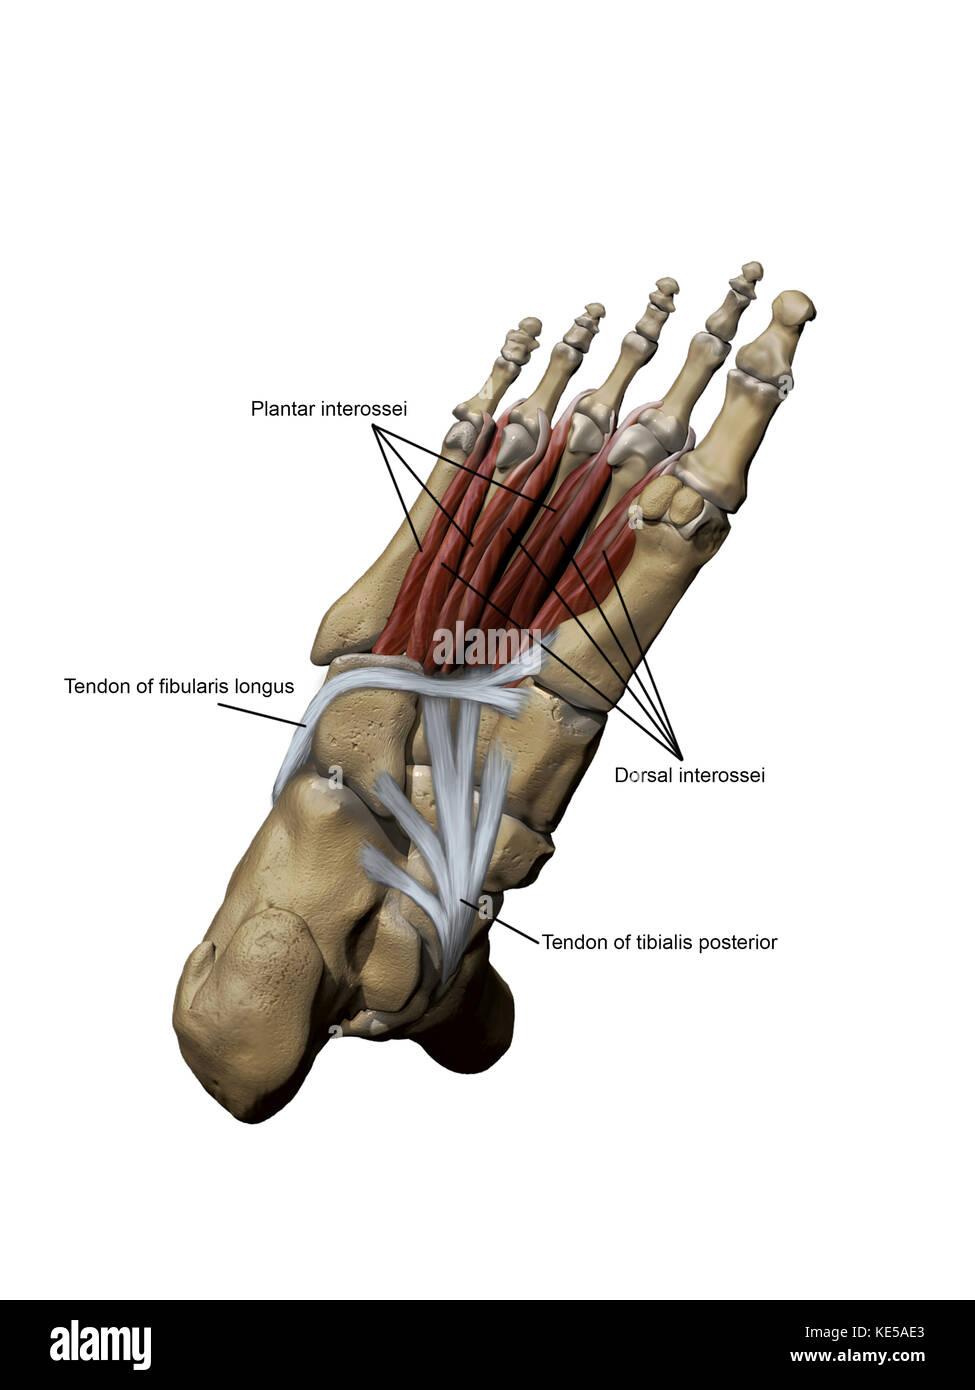 Human Dorsal Muscles Stockfotos & Human Dorsal Muscles Bilder - Alamy